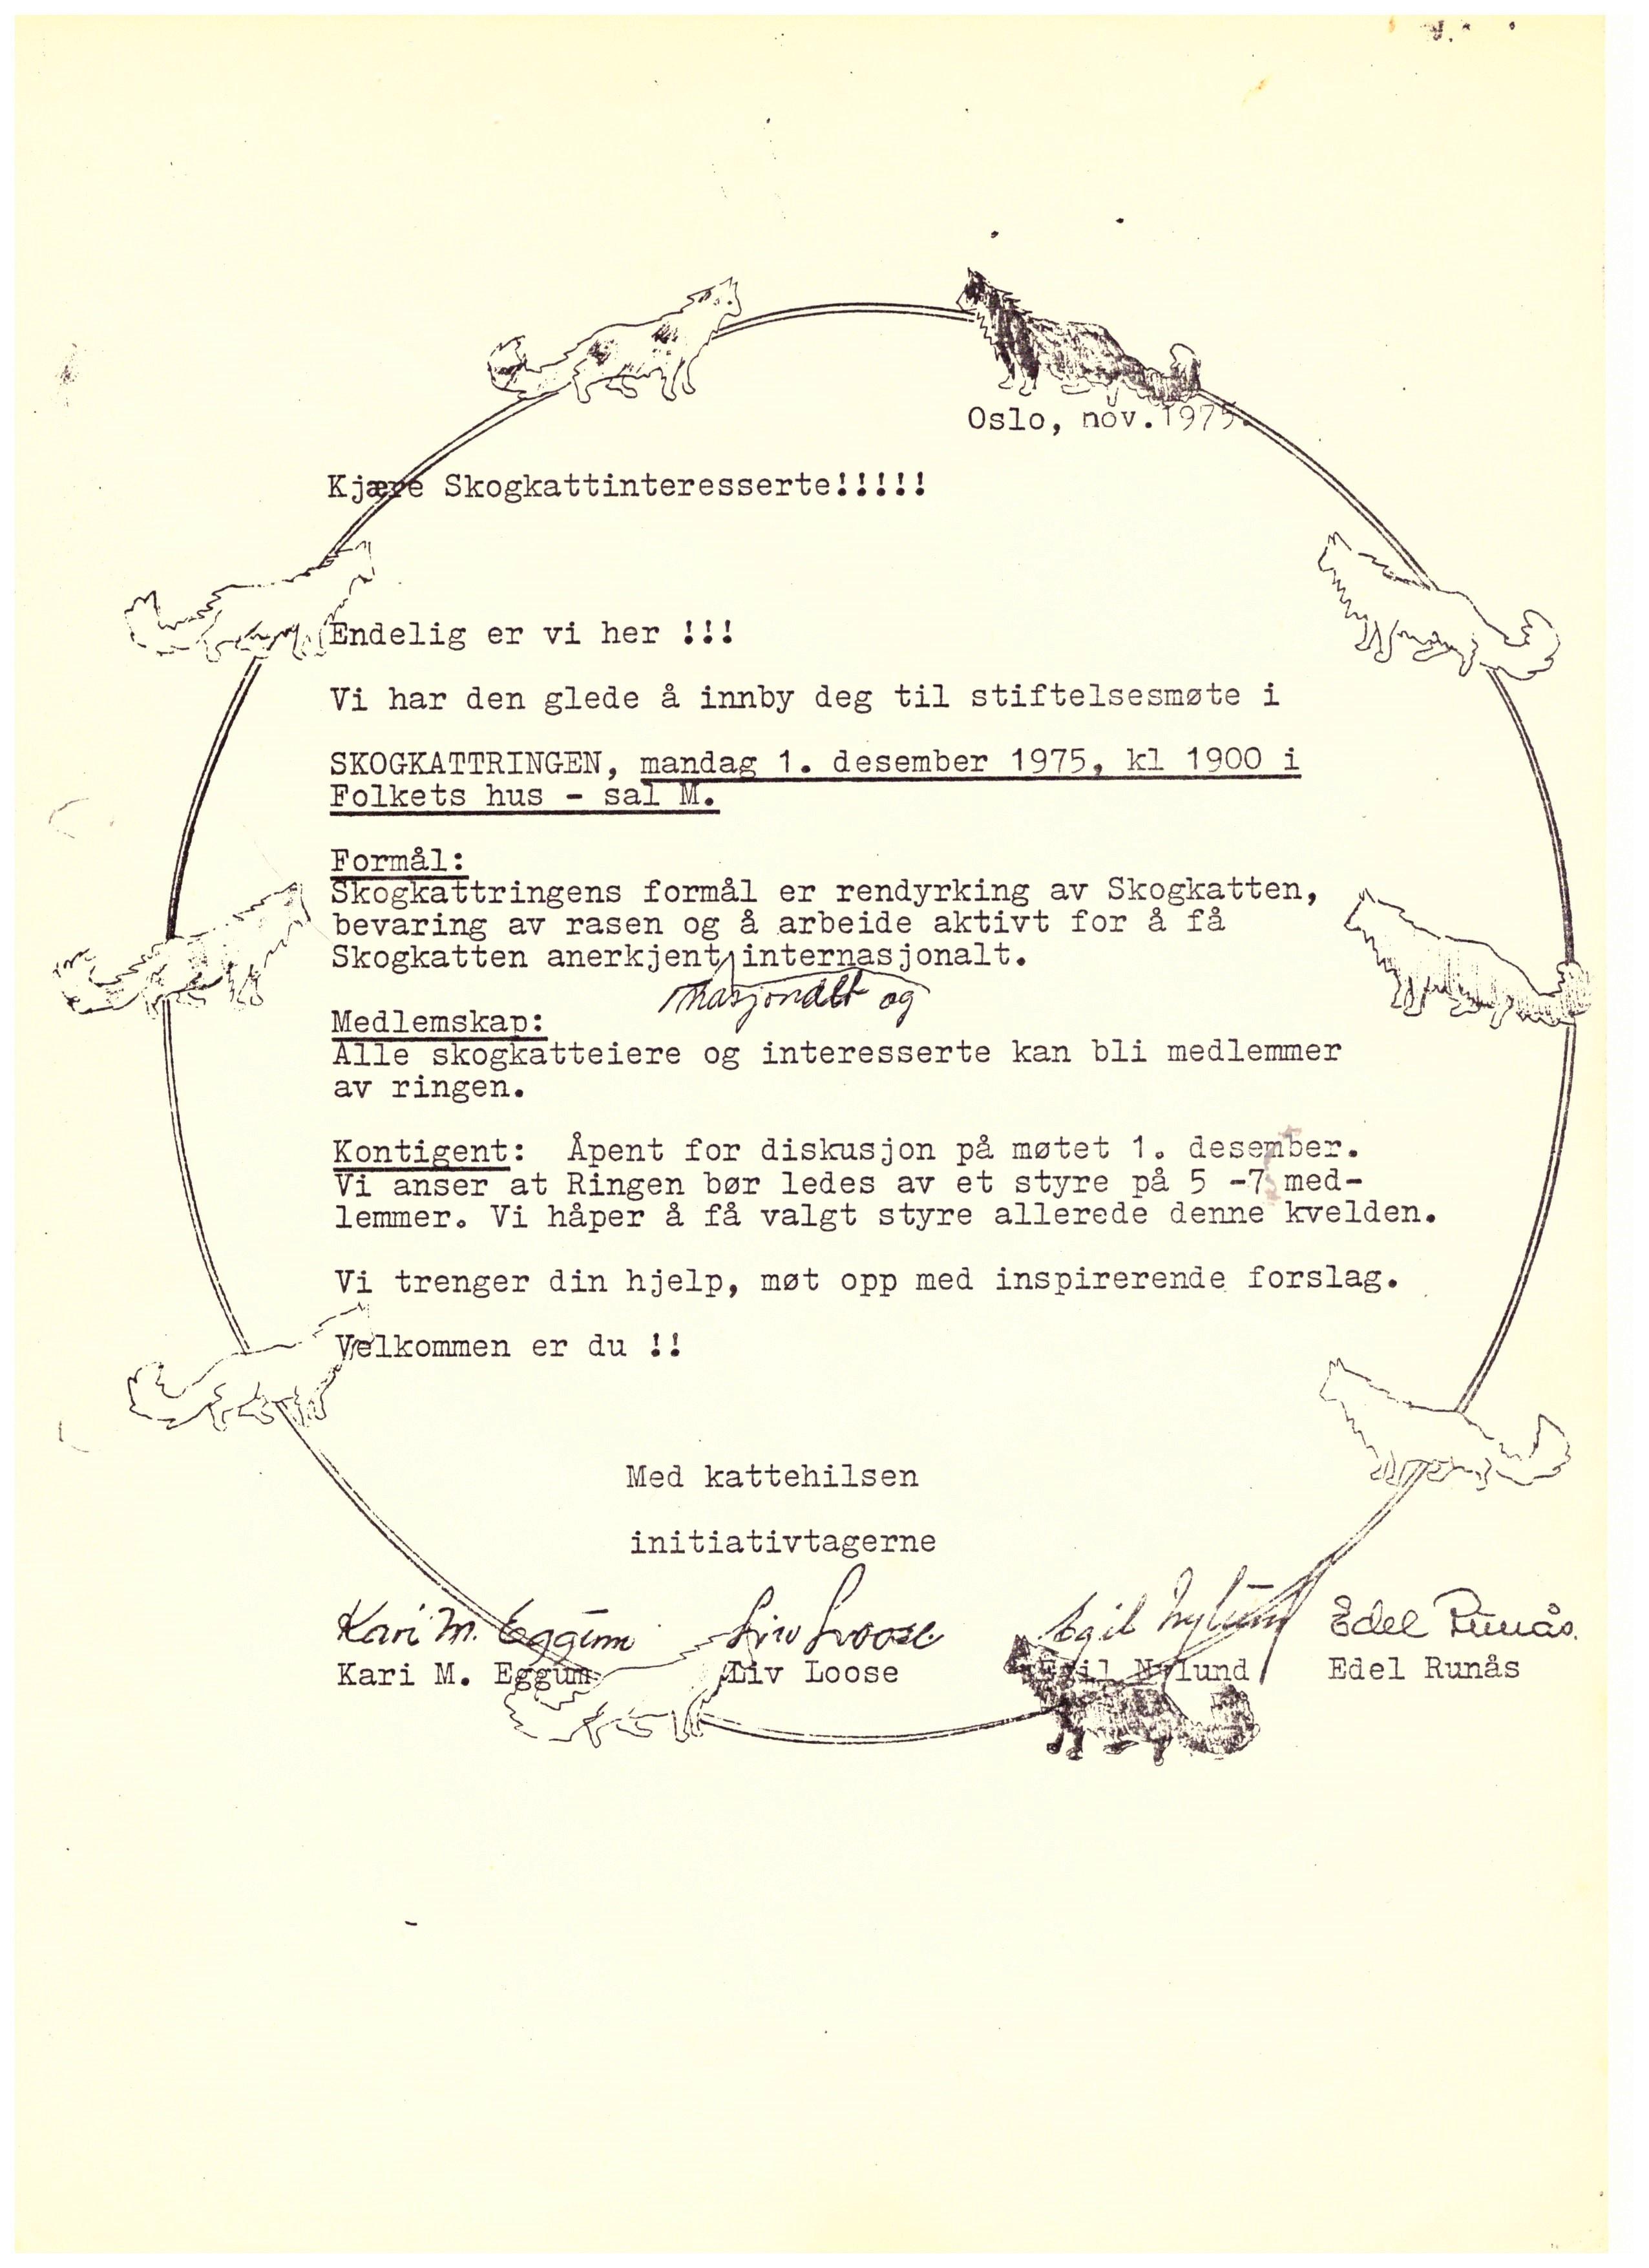 Indkaldelse til stiftende generalforsamling i Oslo 1975